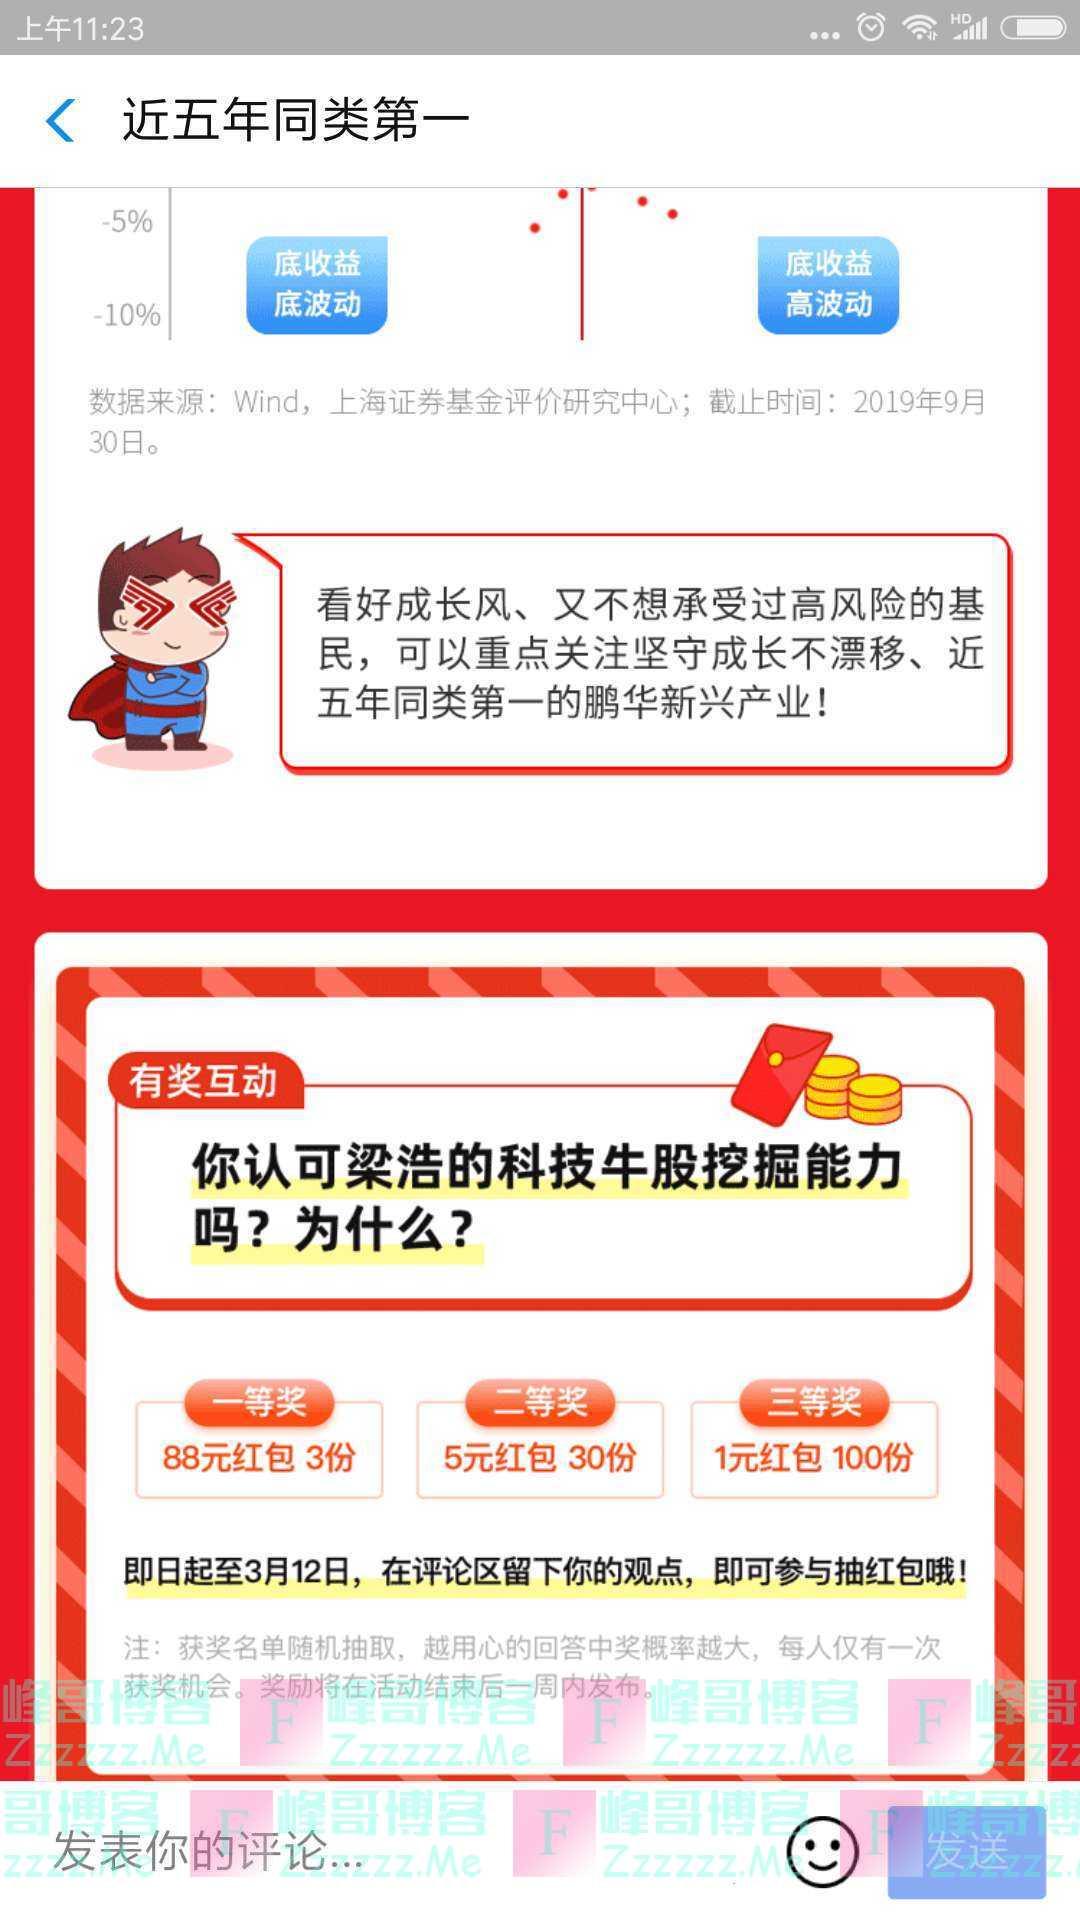 鹏华基金有奖互动(截止3月12日)